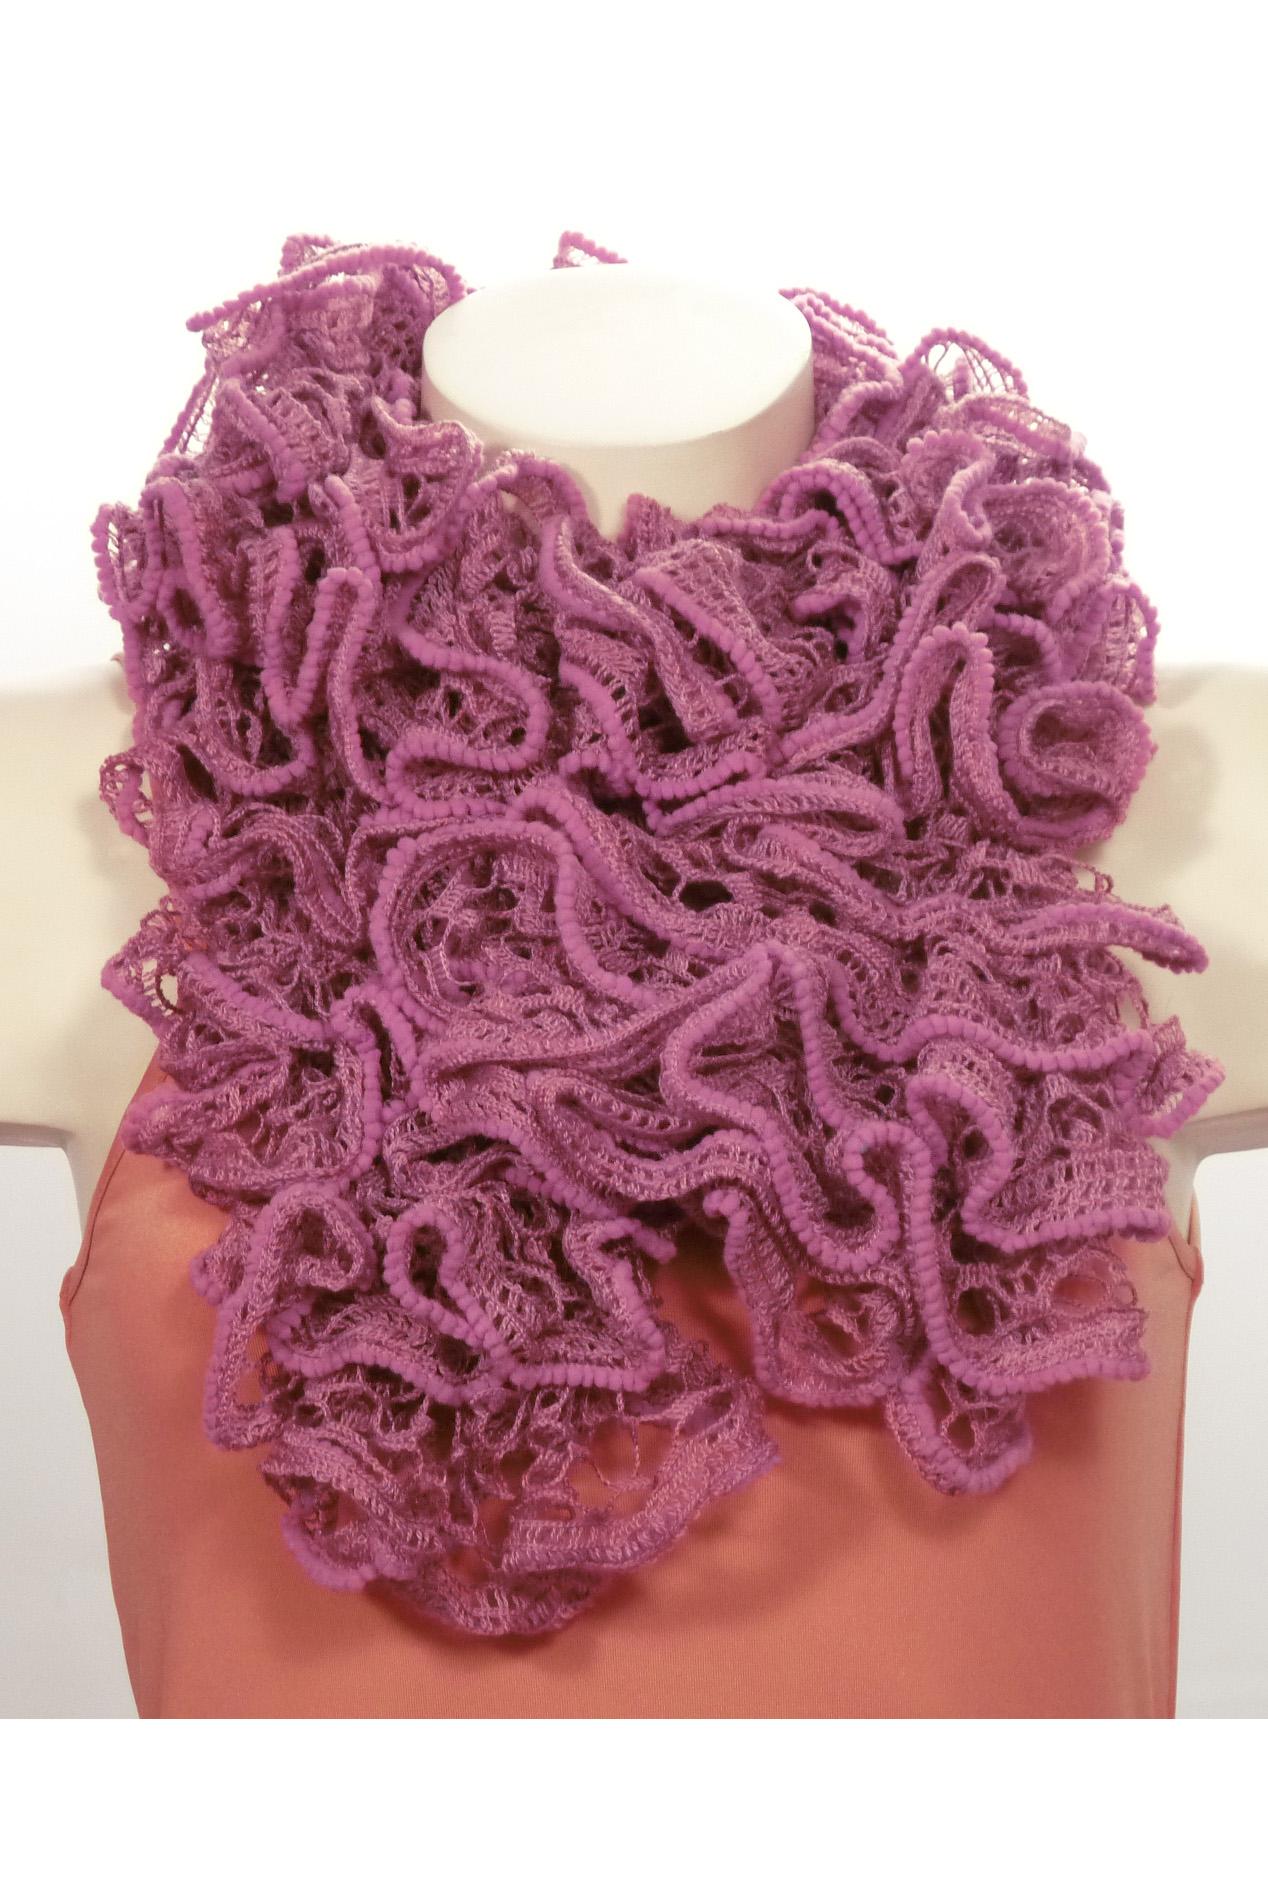 ШарфШарфы<br>Вязанный шарф придаст вашему образу романтичности. Этот удобный длинный кружевной шарф вяжут оригинальным узором,  который позволяет создать эффектные воланы.  Длина шарфа 1,5 метра.  В изделии использованы цвета: фиолетовый<br><br>По сезону: Зима<br>Размер : UNI<br>Материал: Вязаное полотно<br>Количество в наличии: 2